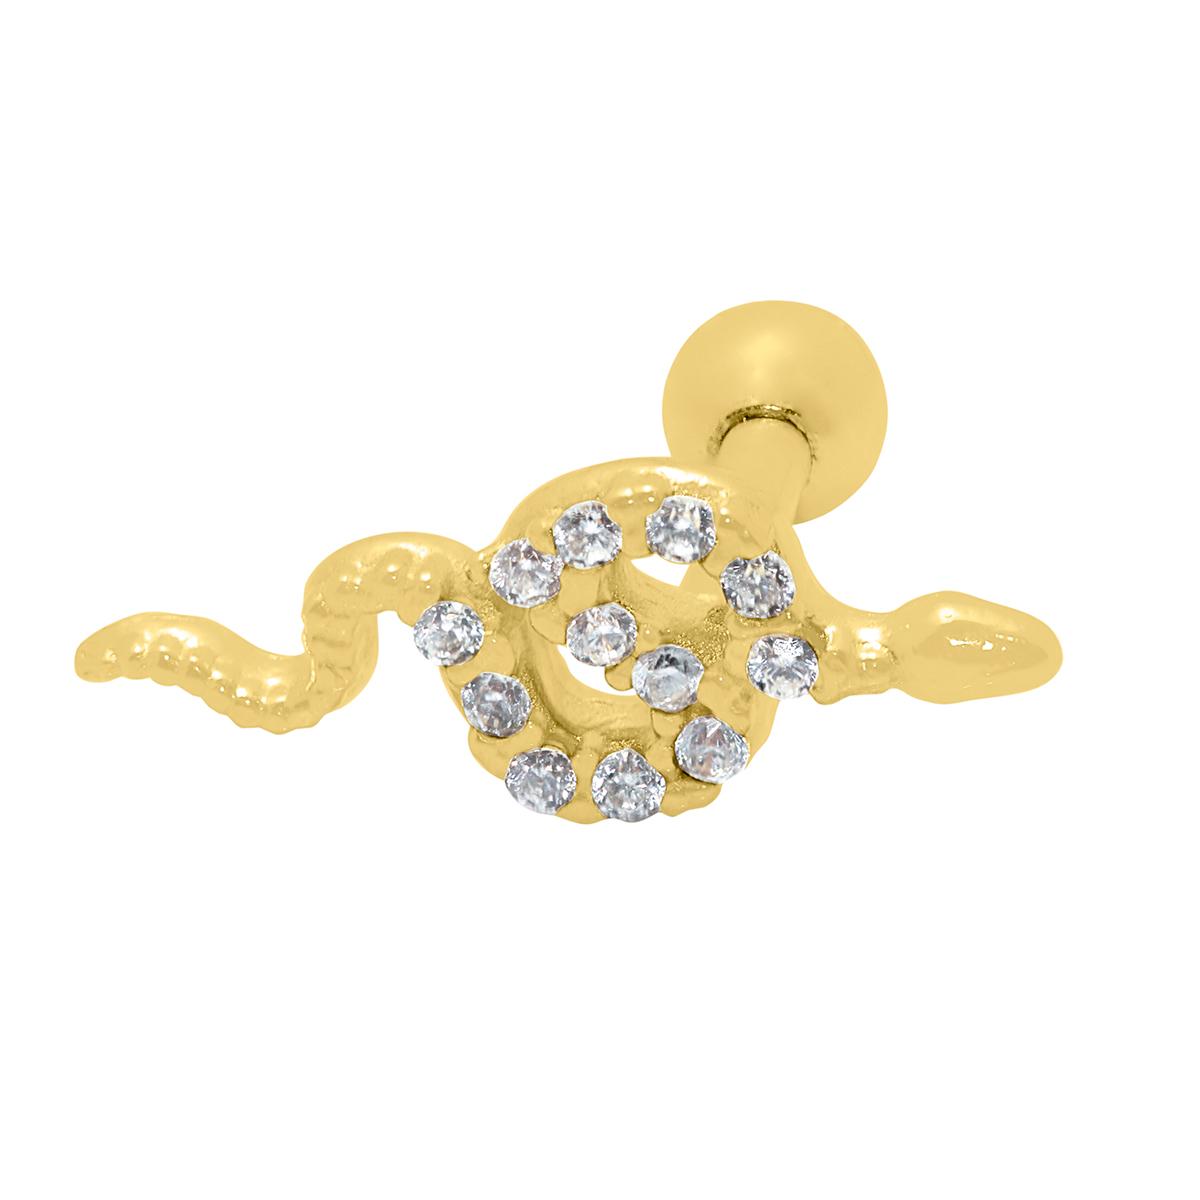 Piercing Helix em Ouro 18k Cobrinha